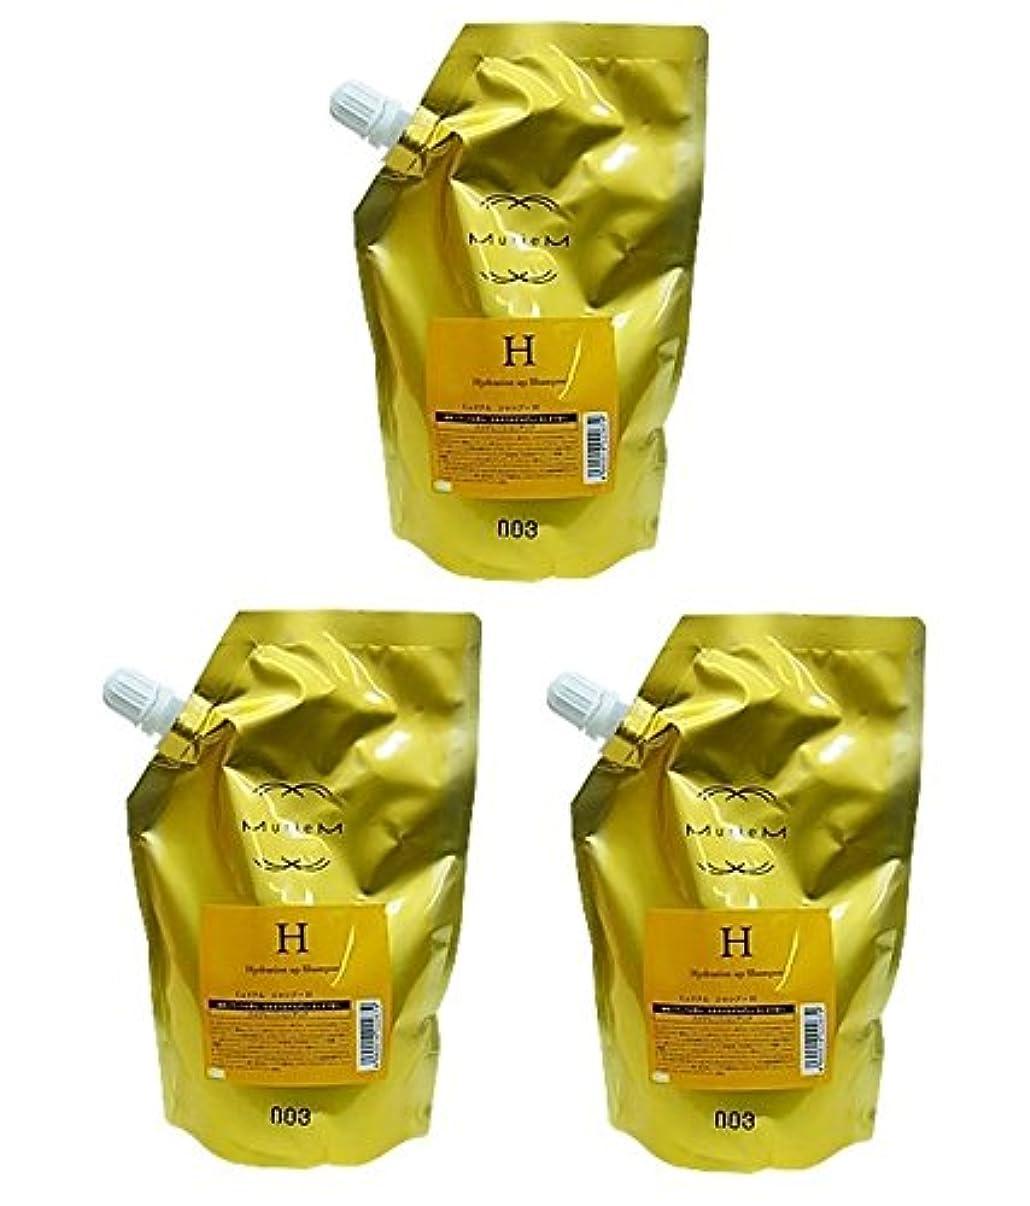 ワーディアンケース学校の先生めまいが【X3個セット】 ナンバースリー ミュリアム ゴールド シャンプー H 500ml 詰替え用